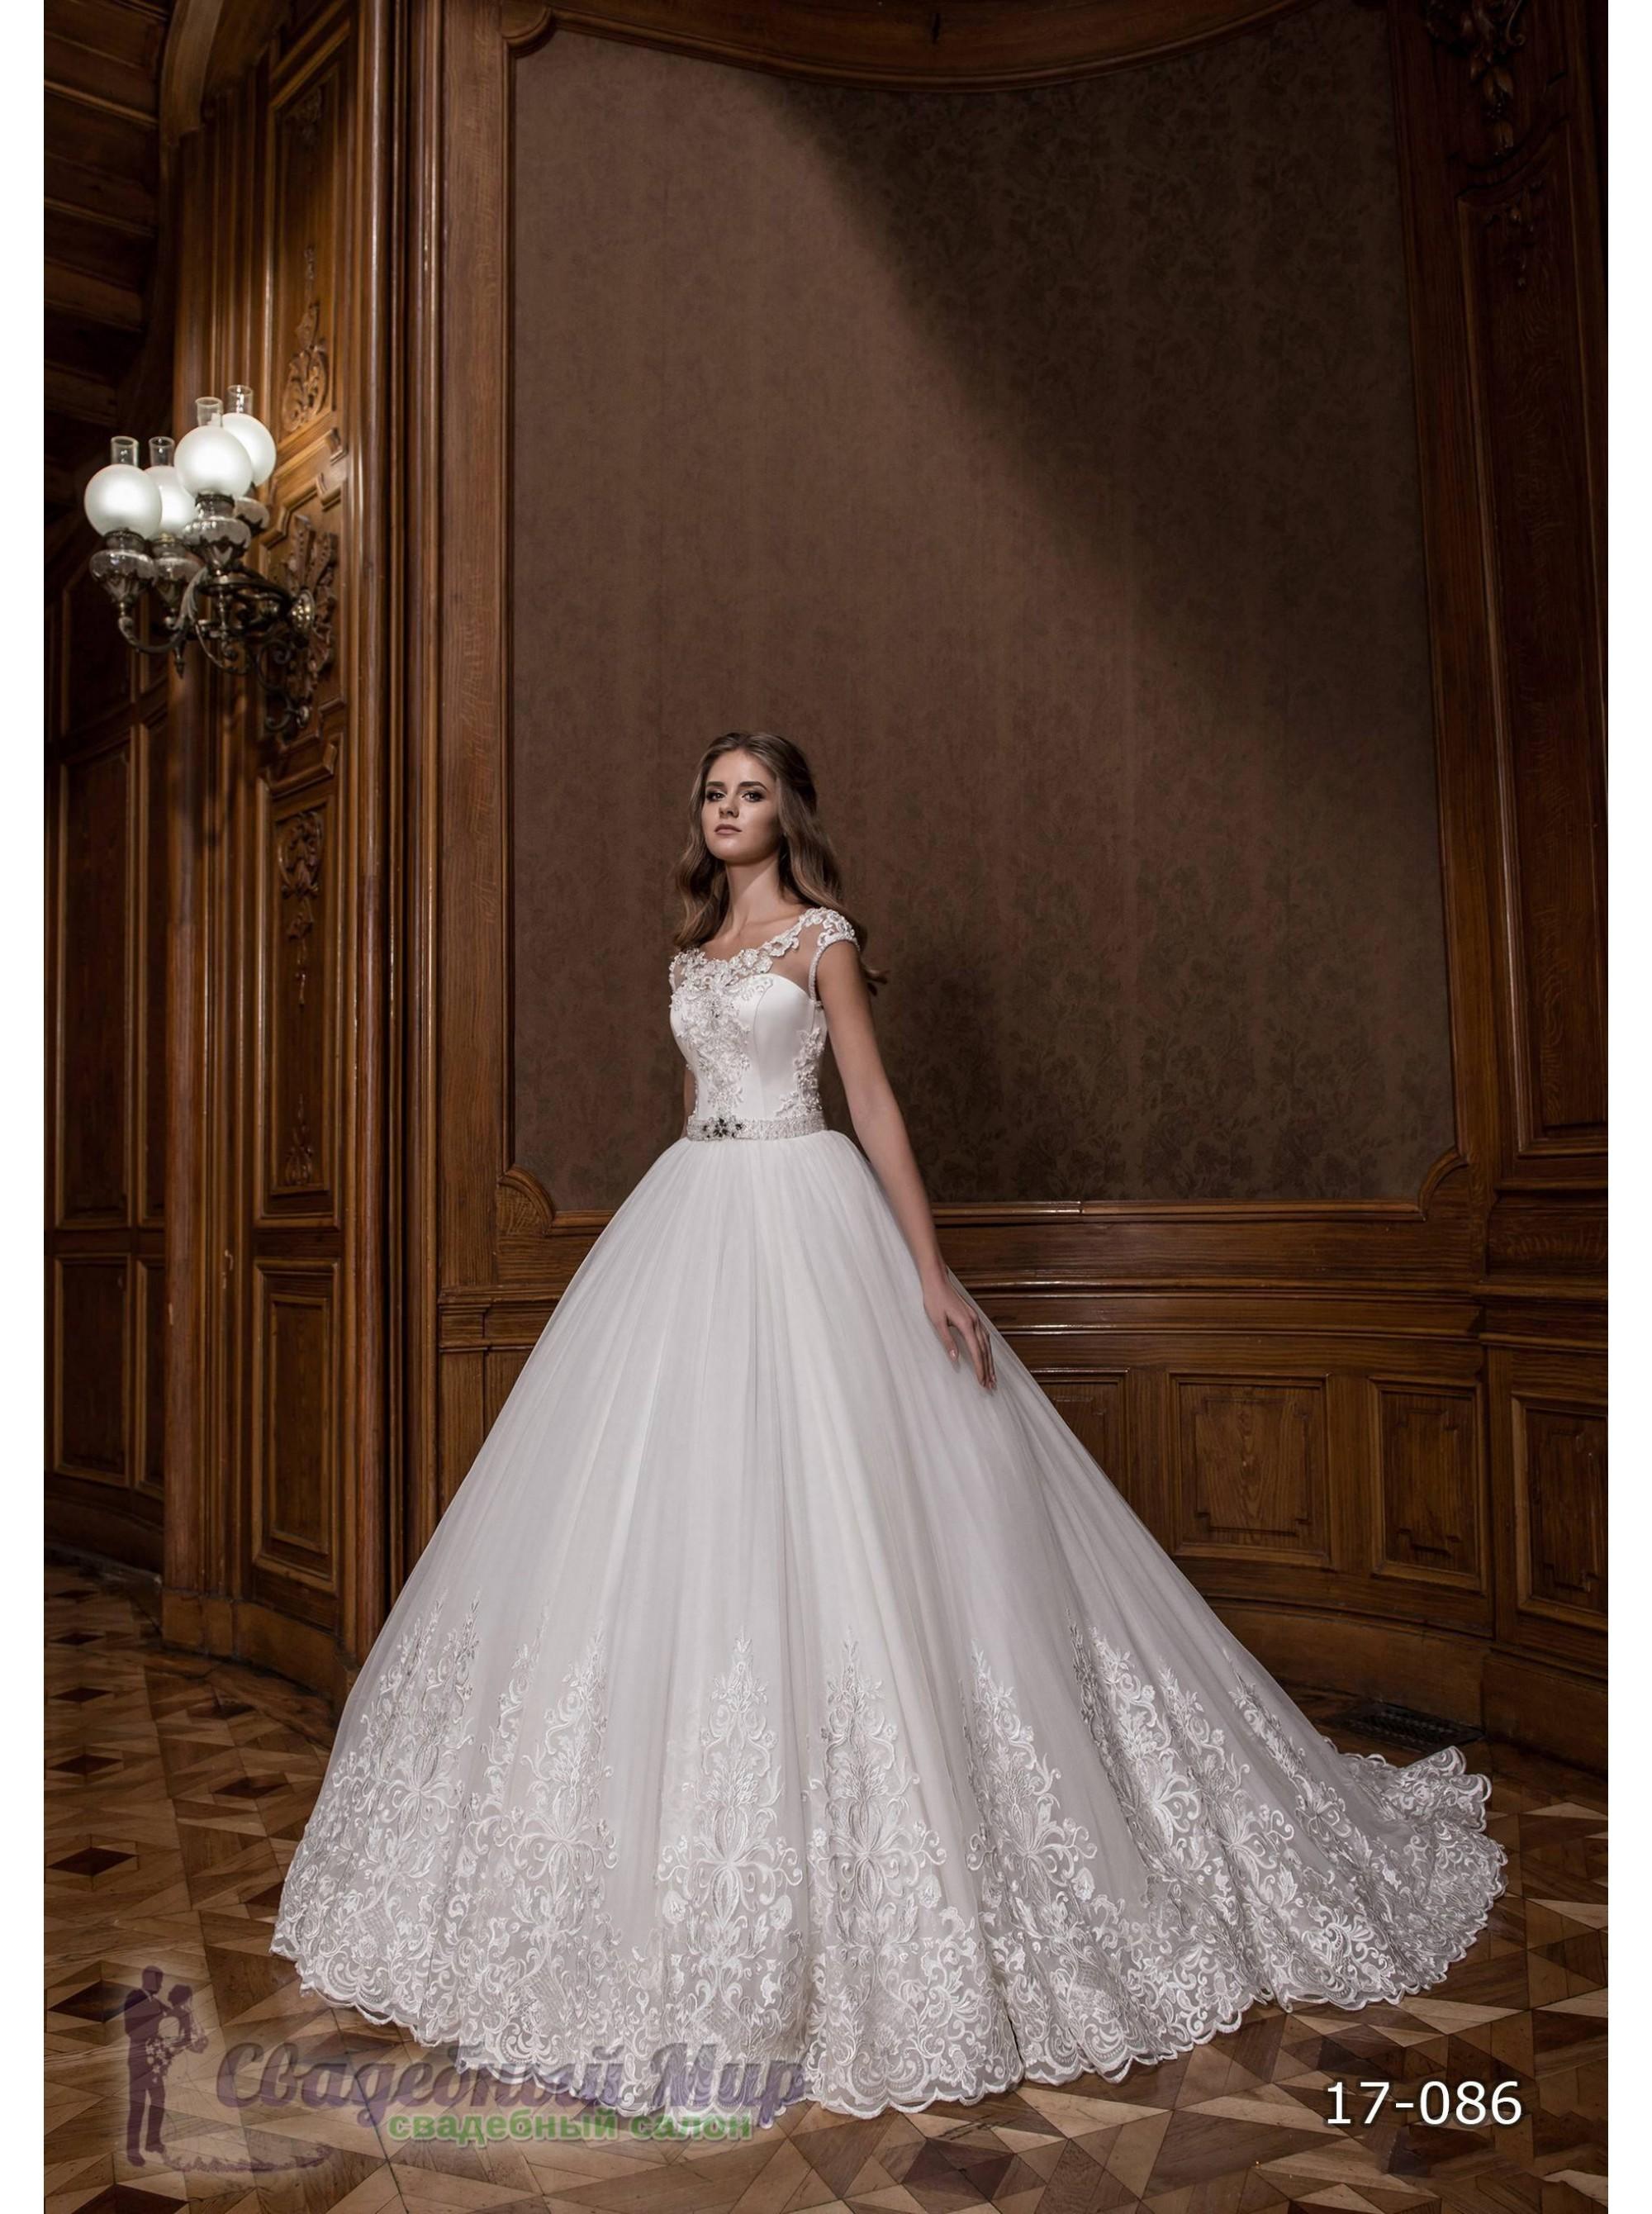 Свадебное платье 17-086